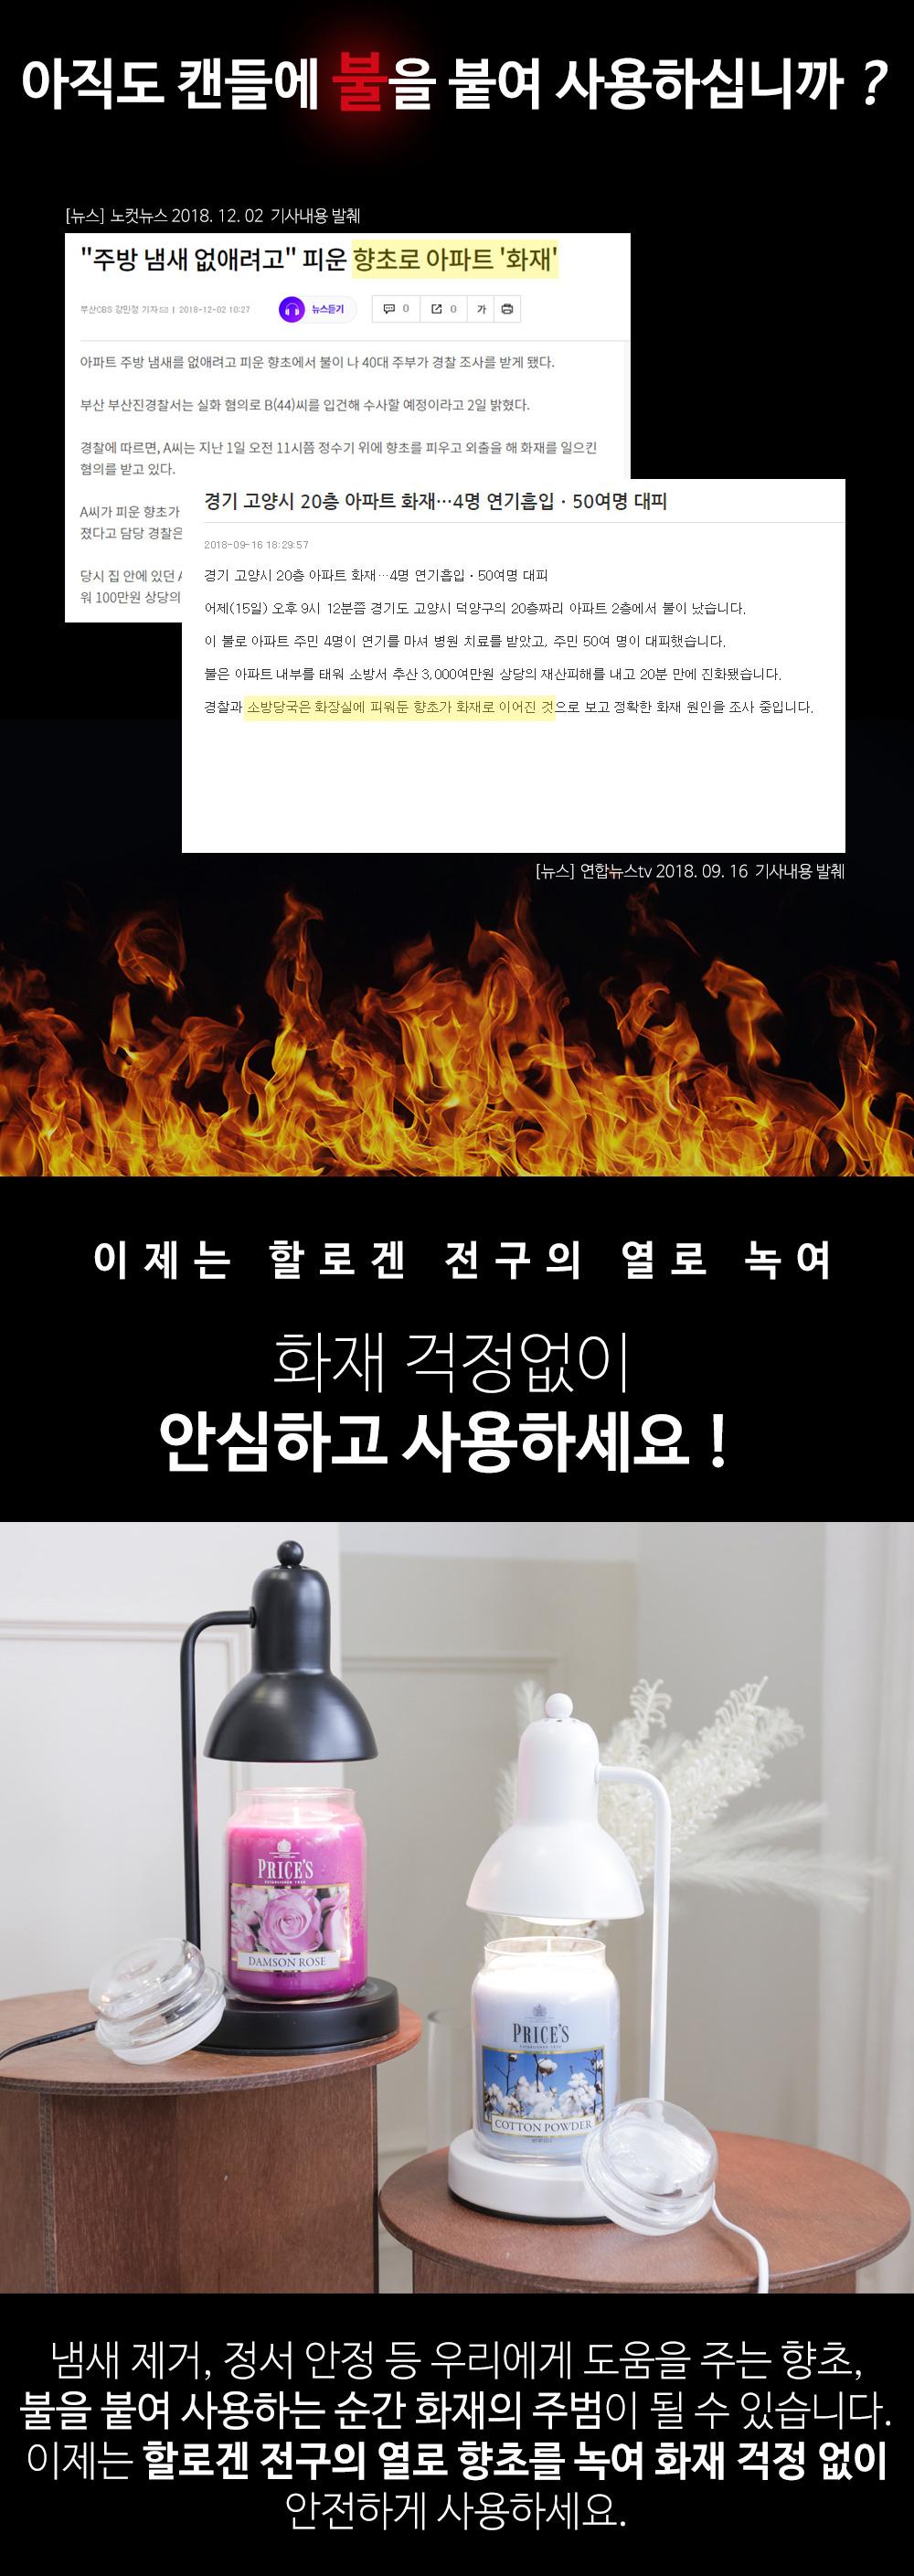 비즈 캔들워머 단품 - 미트라샵, 25,010원, 캔들, 캔들워머/용품